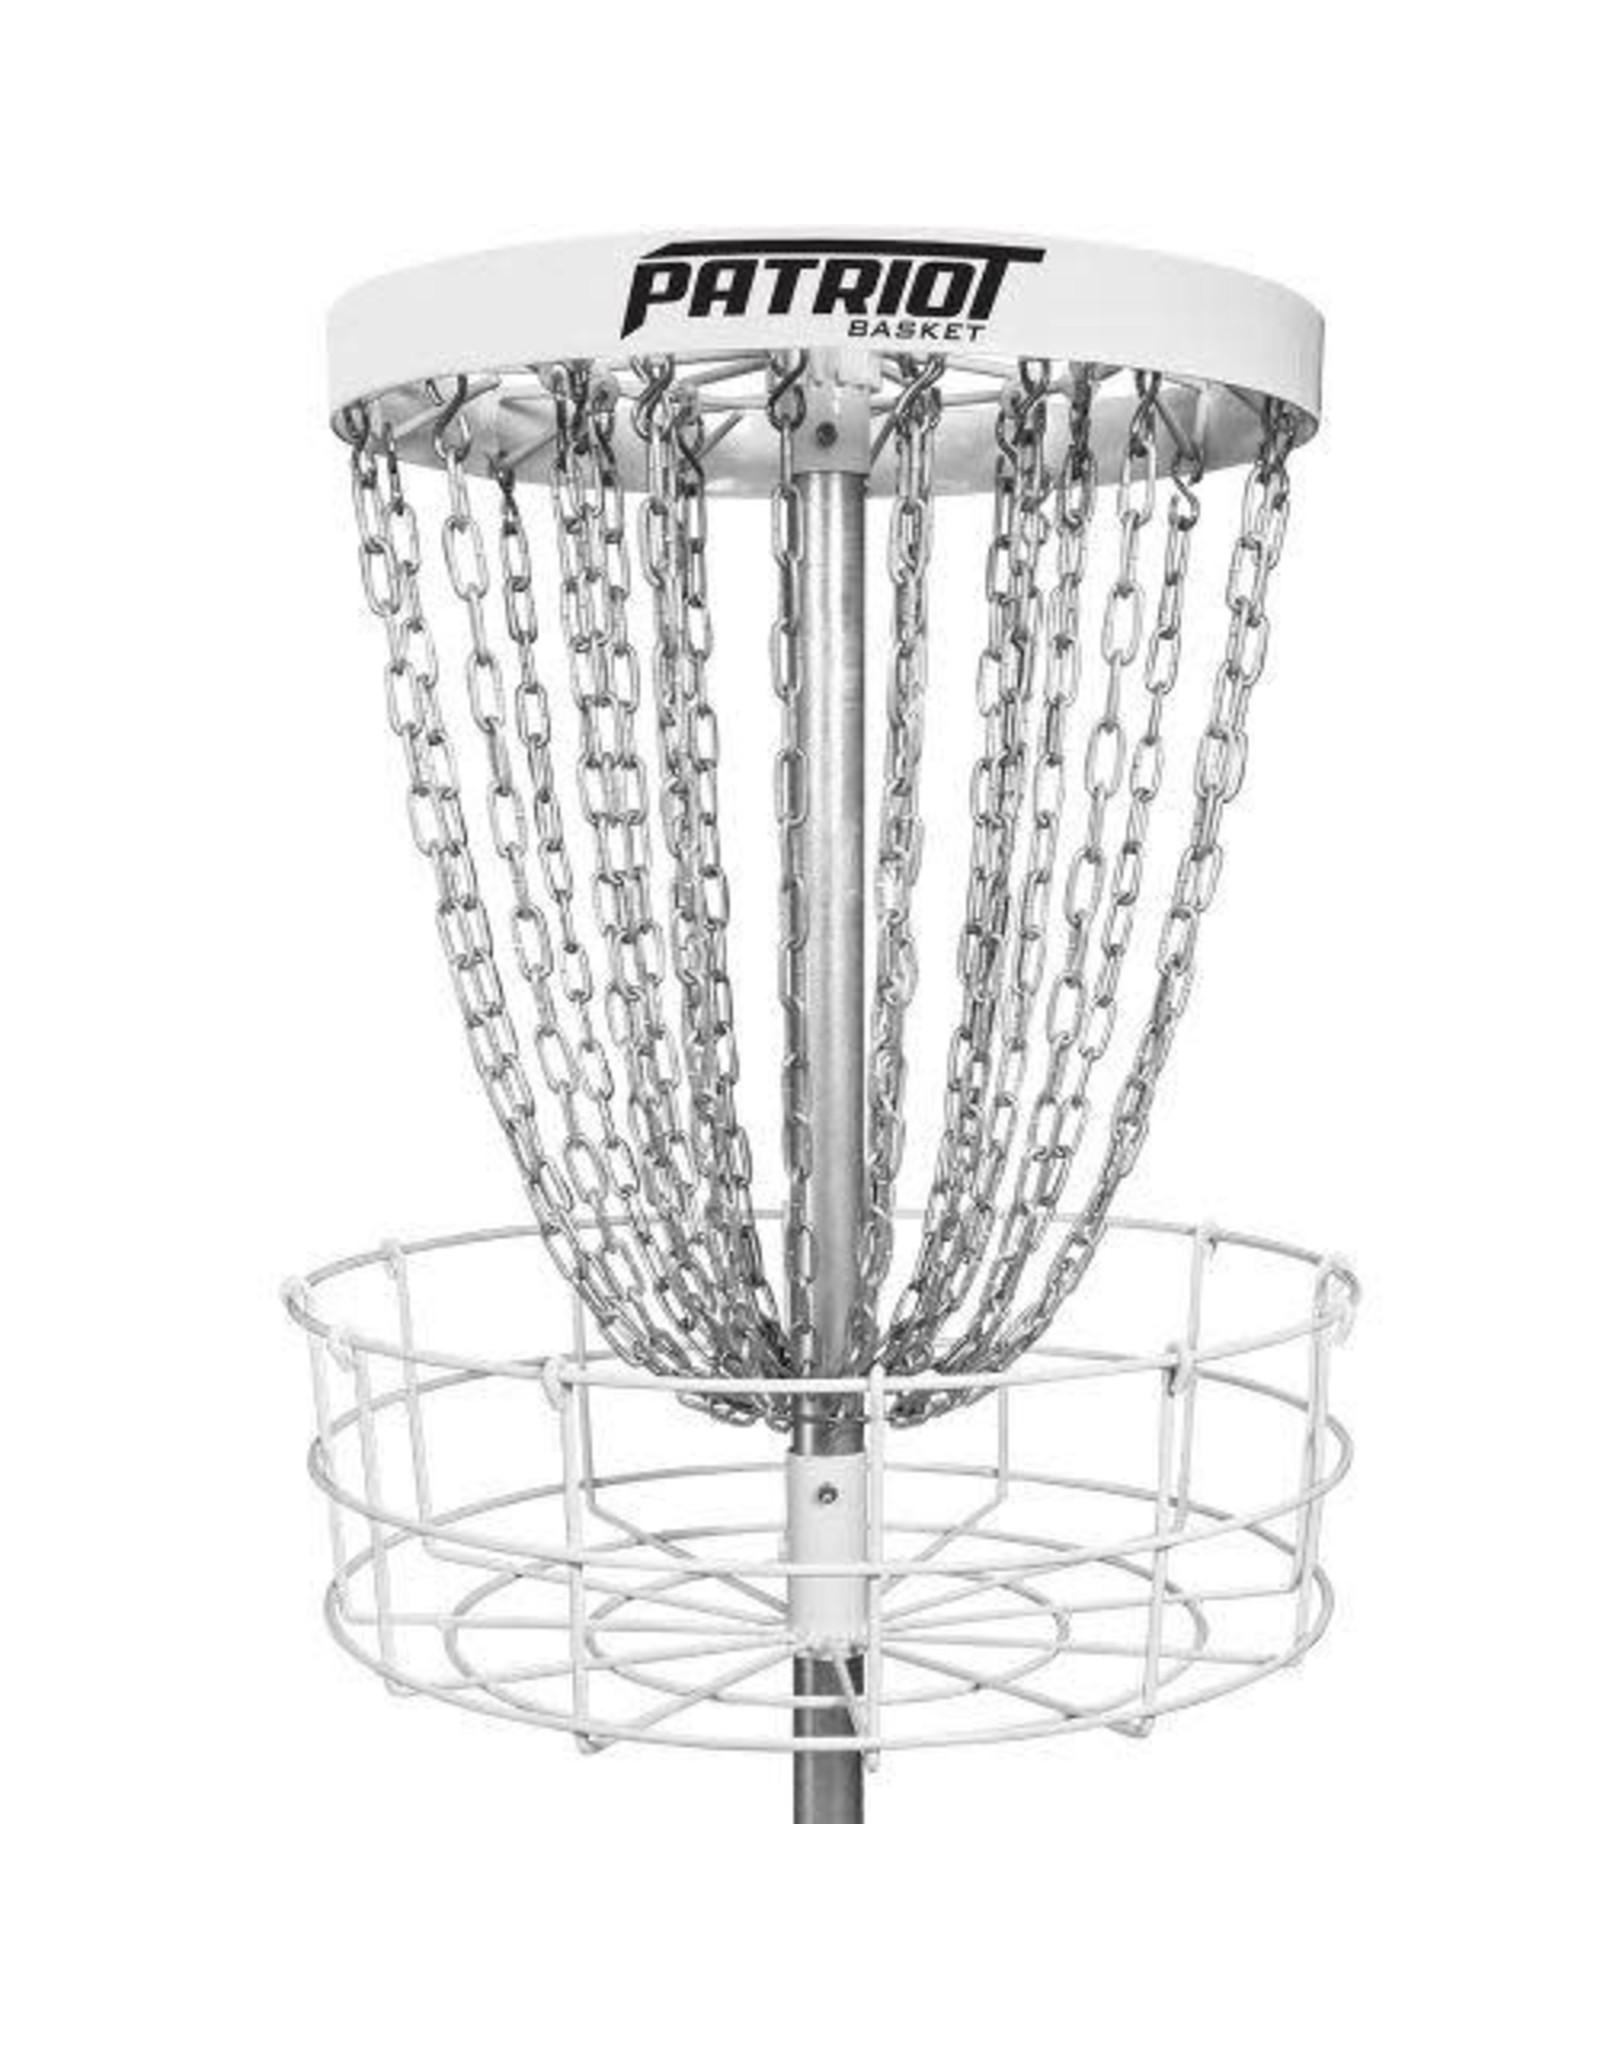 Dynamic Disc Patriot Portable Basket - White